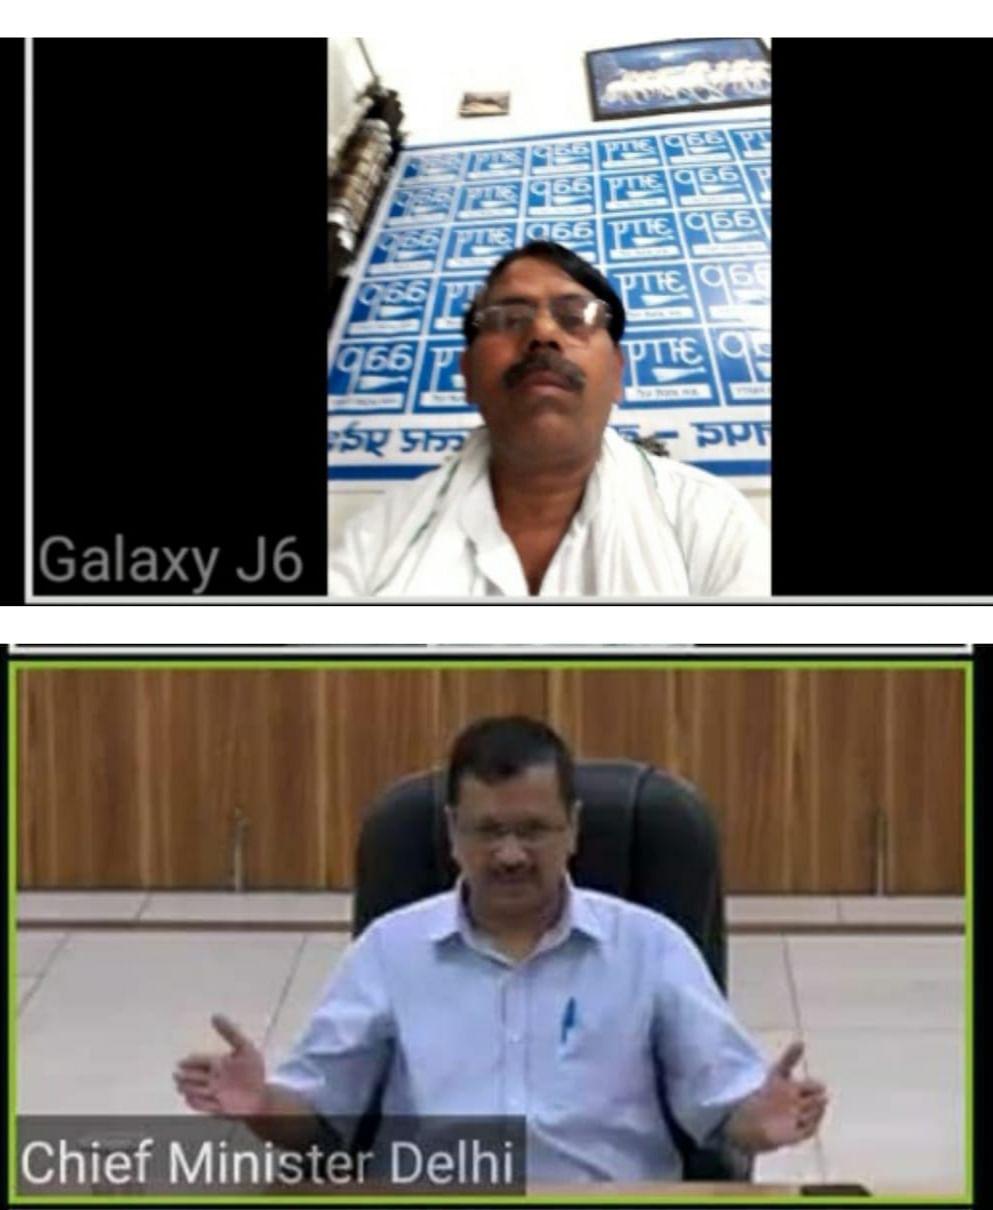 दिल्ली सीएम ने उ.प्र. कार्यकारिणी व जिलाध्यक्षों के साथ की ऑनलाइन मीटिंग